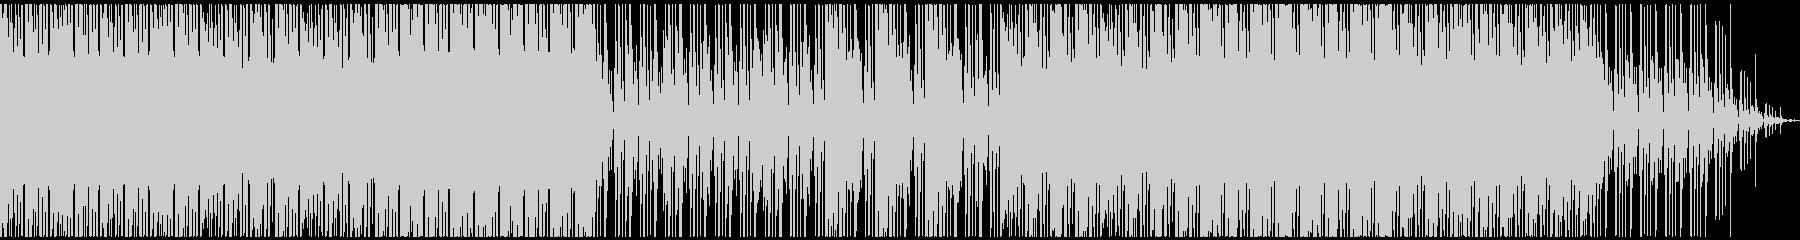 ダークな雰囲気のハイテンポBGMの未再生の波形